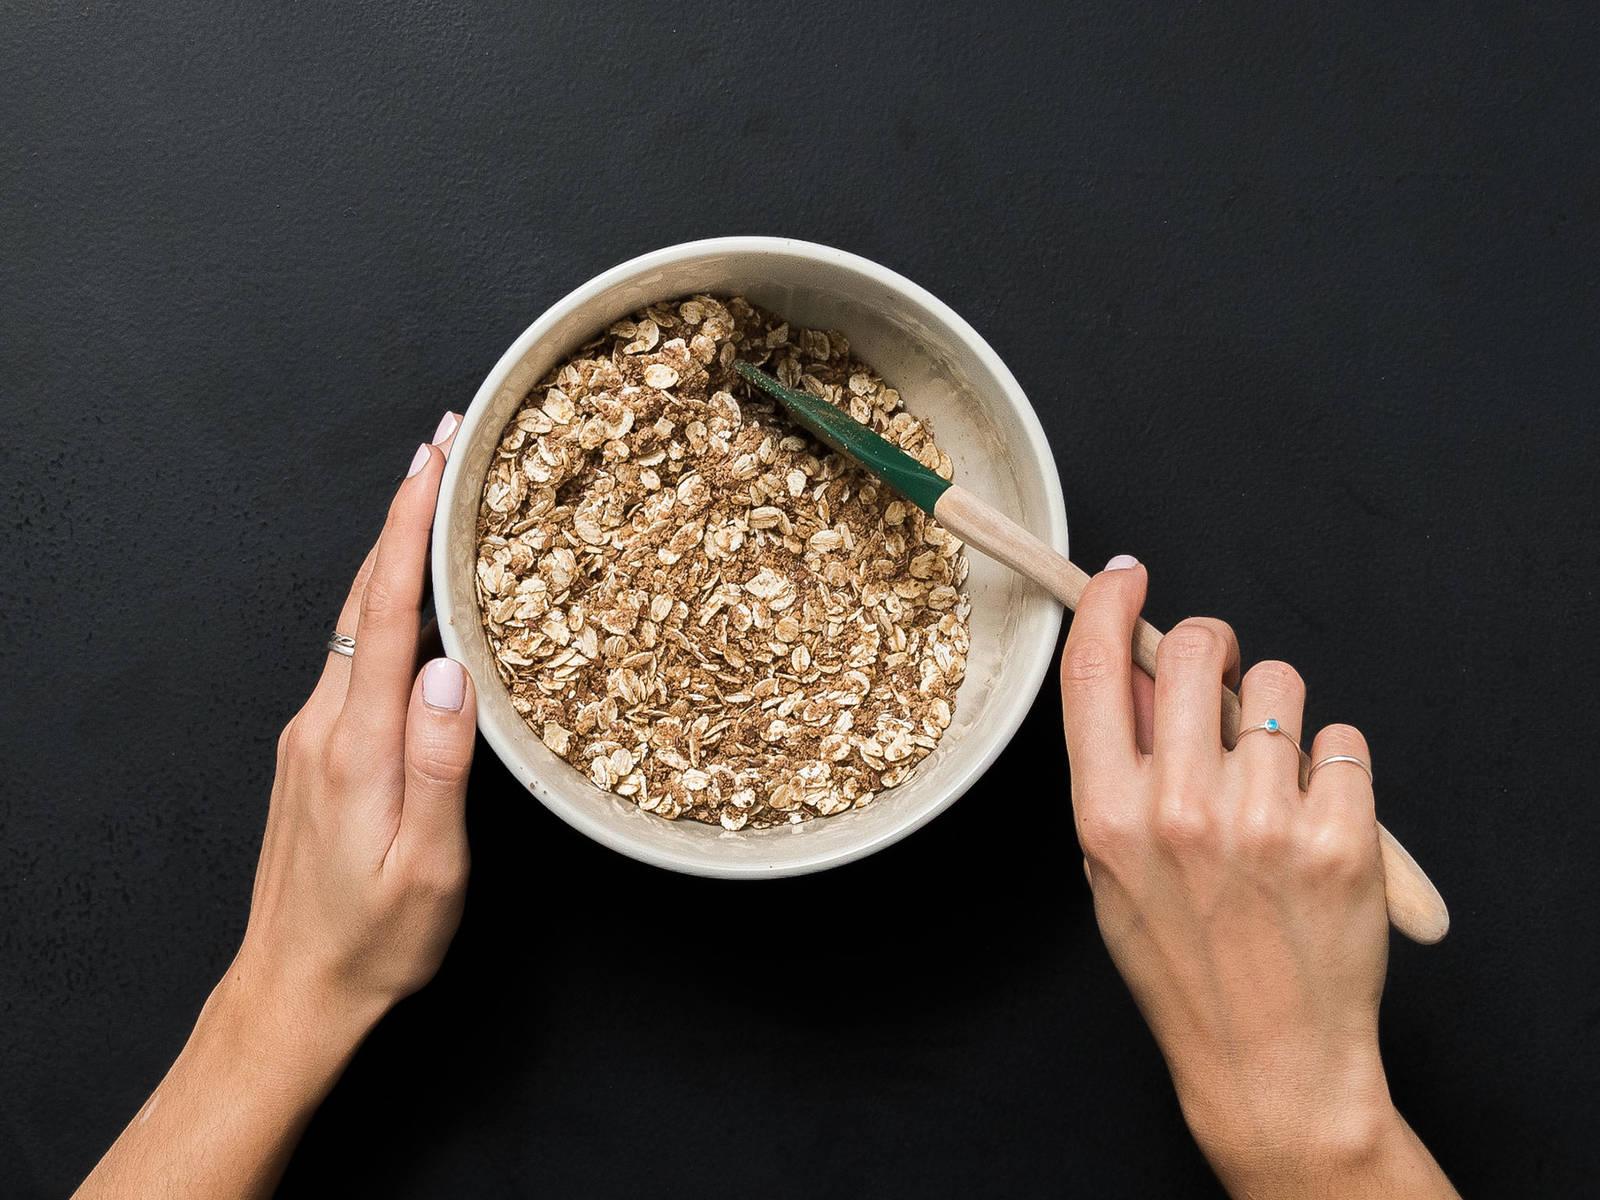 Haferflocken, gemahlene Haselnüsse, Leinsamen, Zimt und Salz in eine Rührschüssel geben und vermengen.